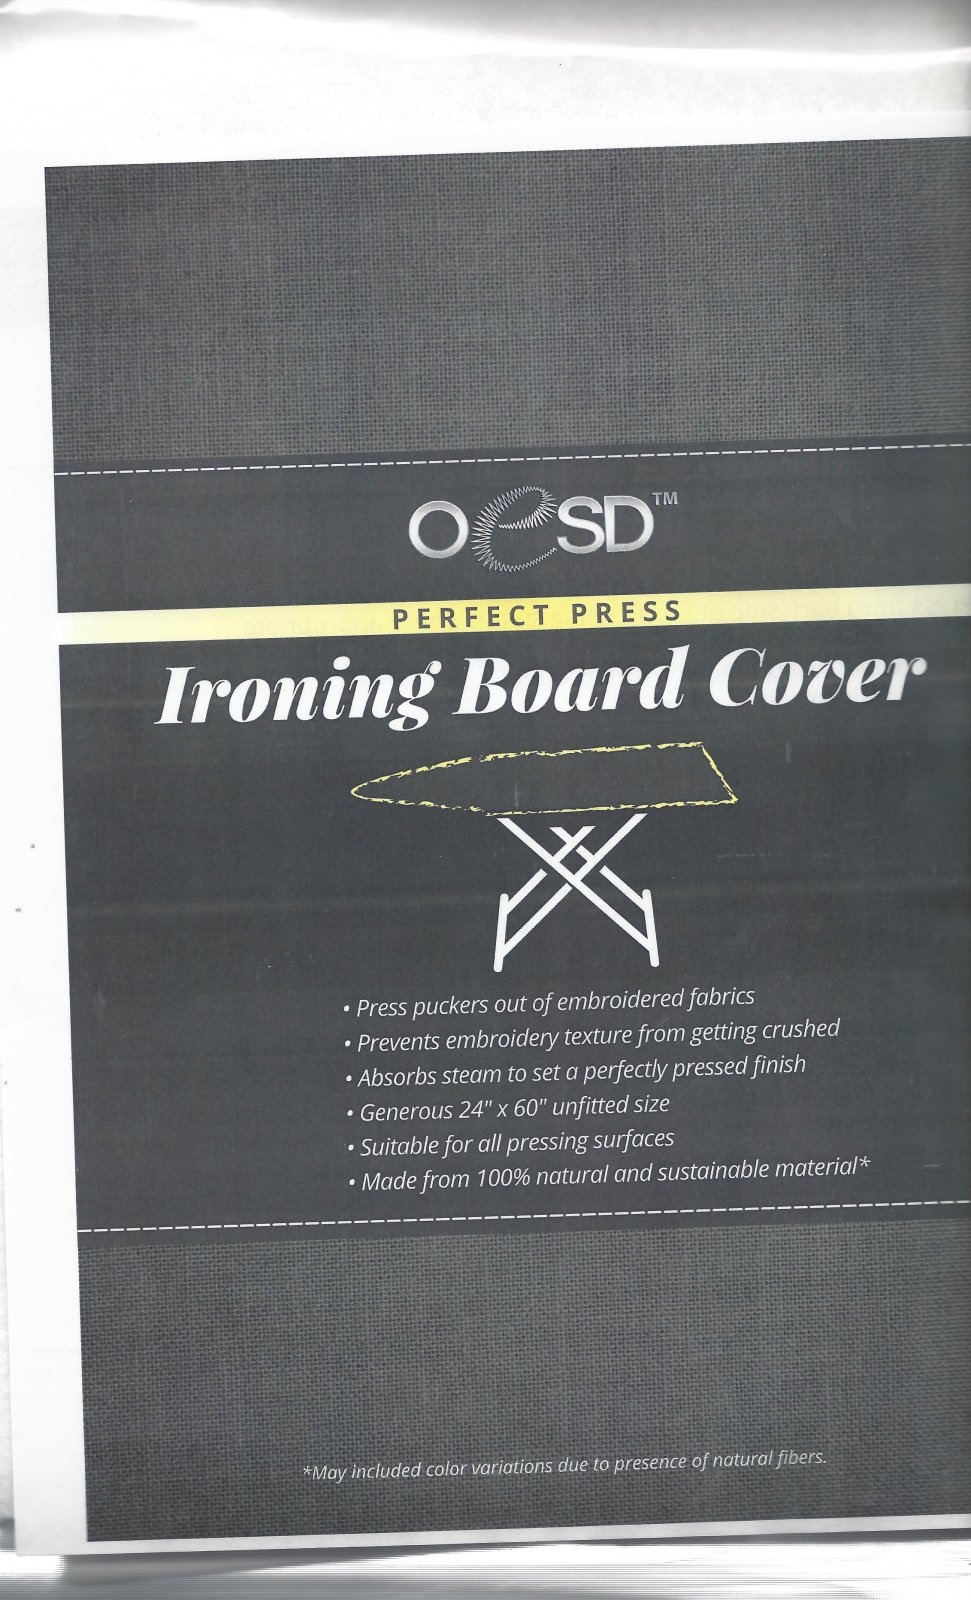 OESD PERFECT PRESS IRON BOARD COVER